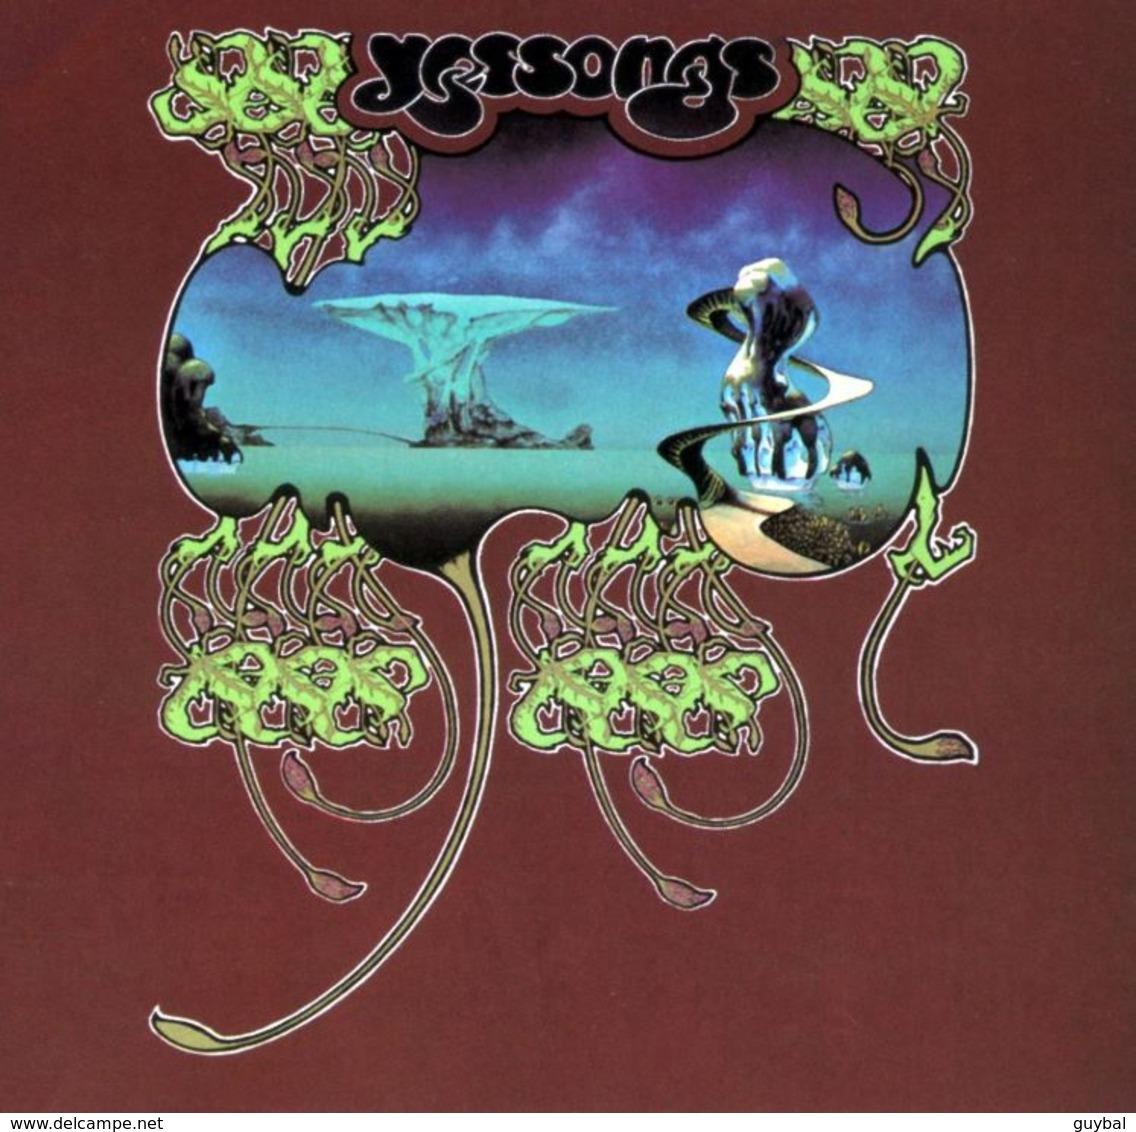 Yes - Yessongs - Pochette  Correcte - Env Int Et Disque Parfait état - 3 Vinyles - Rock